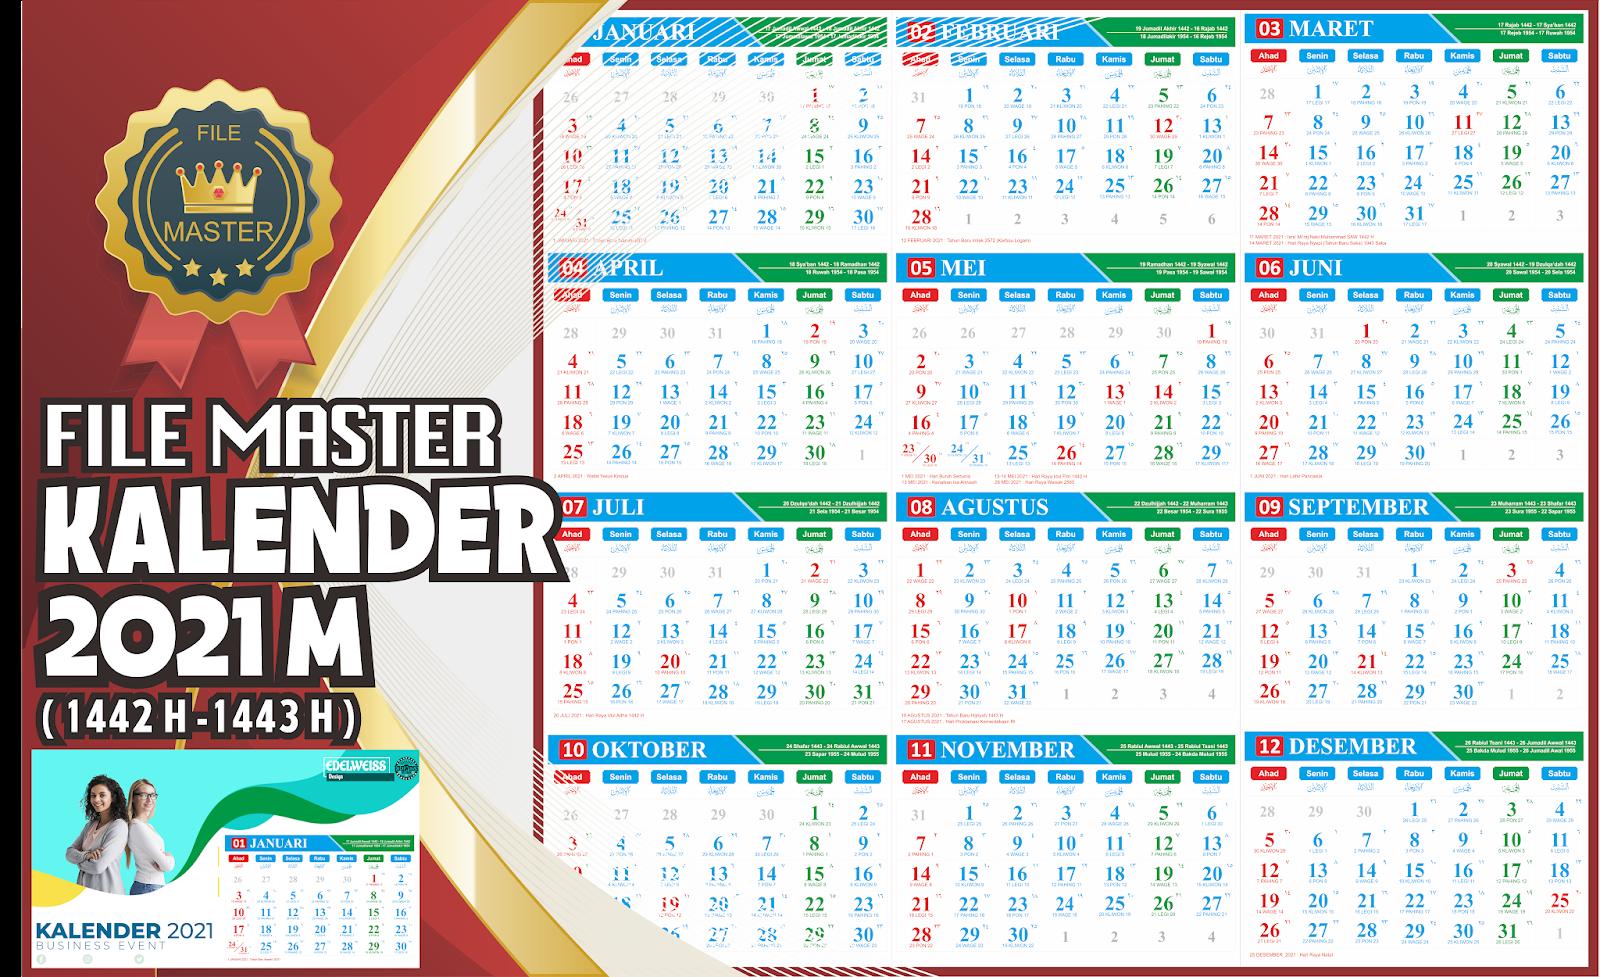 Download File Kalender 2021 Cdr